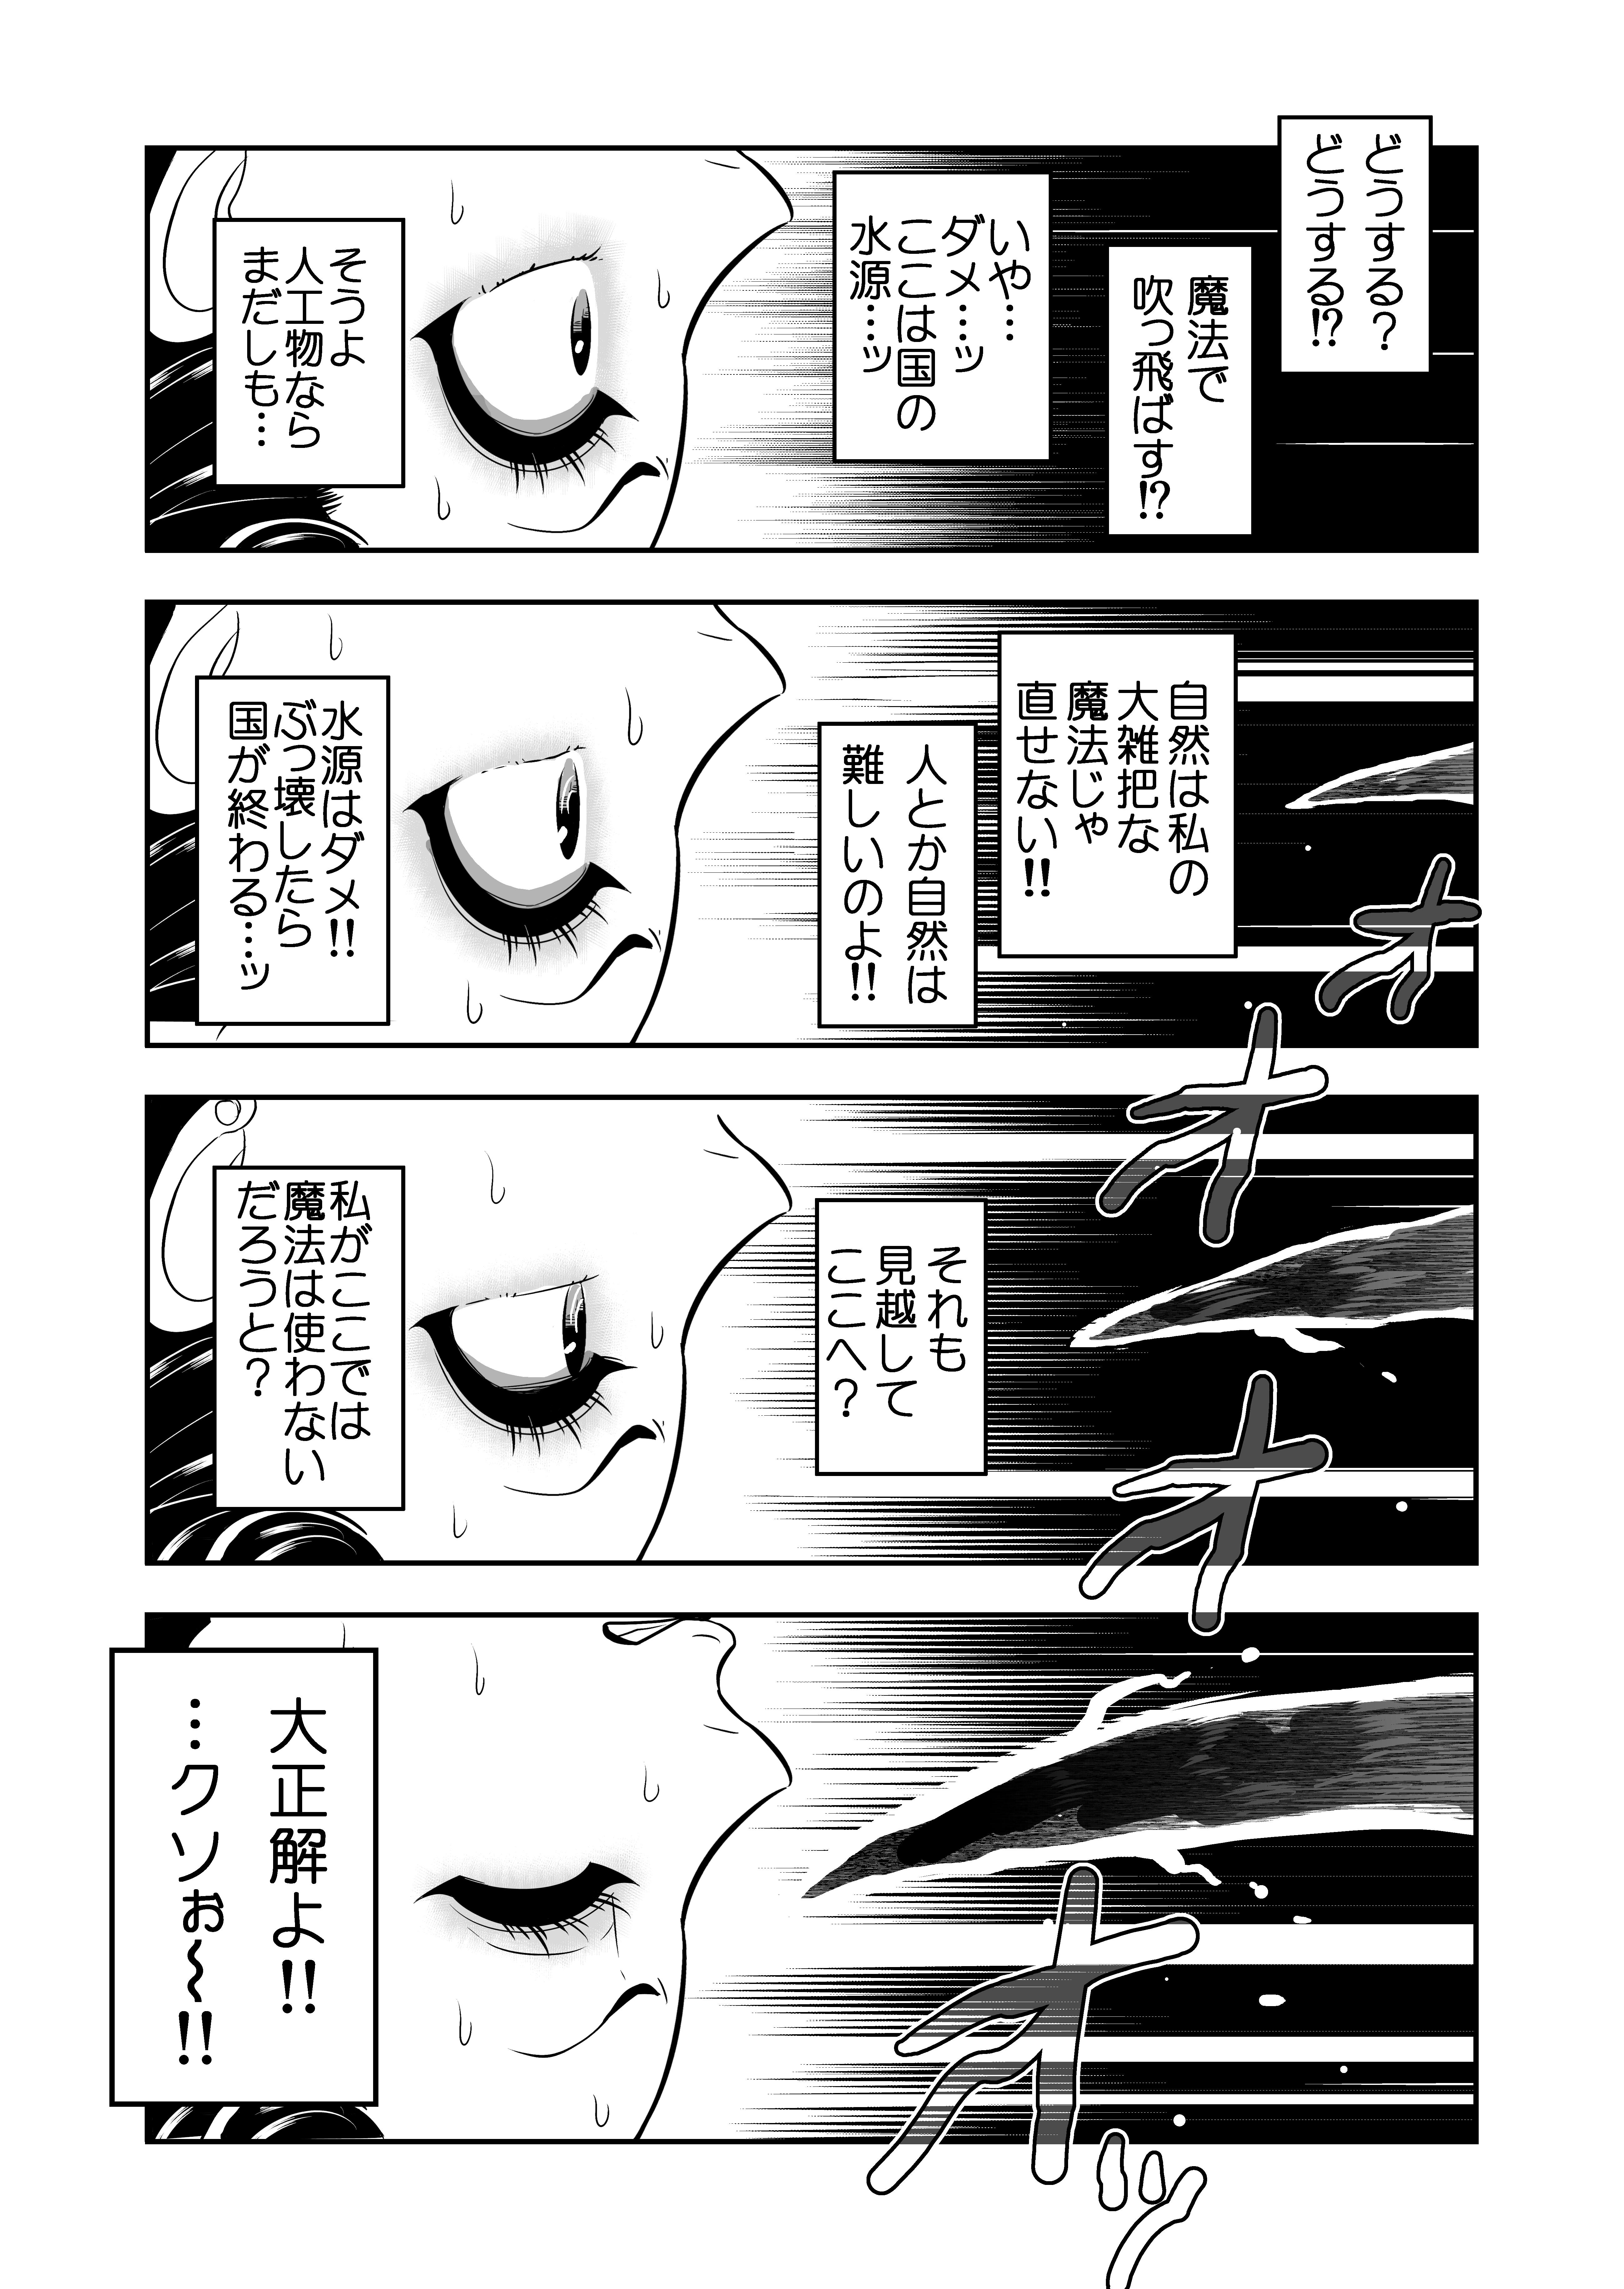 ヤサグレ魔女と第1王子と吸血鬼①0085